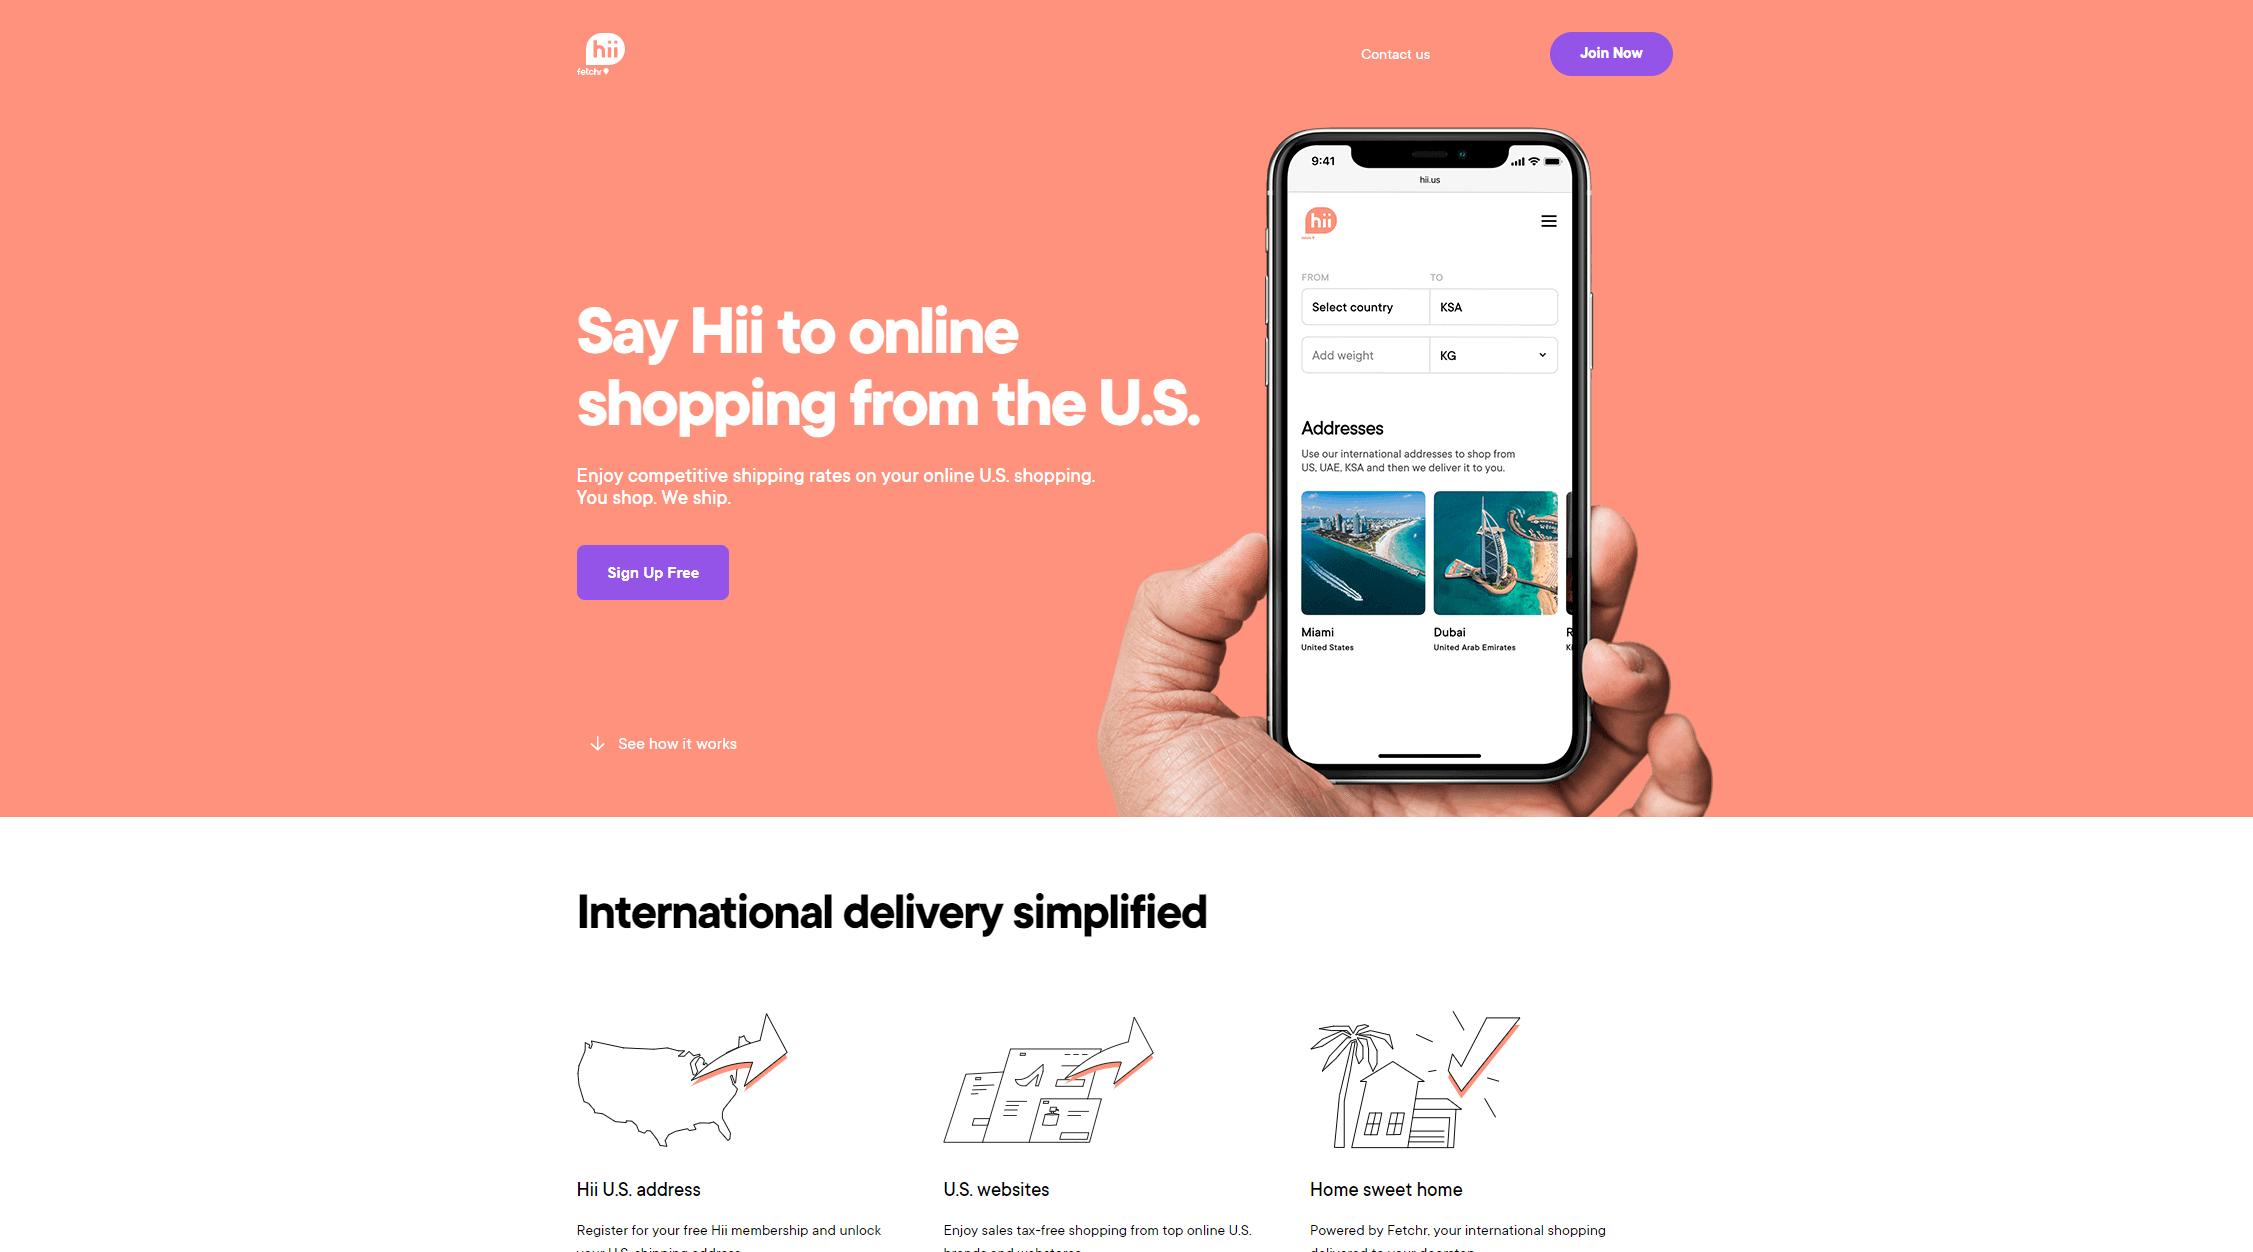 hii.us